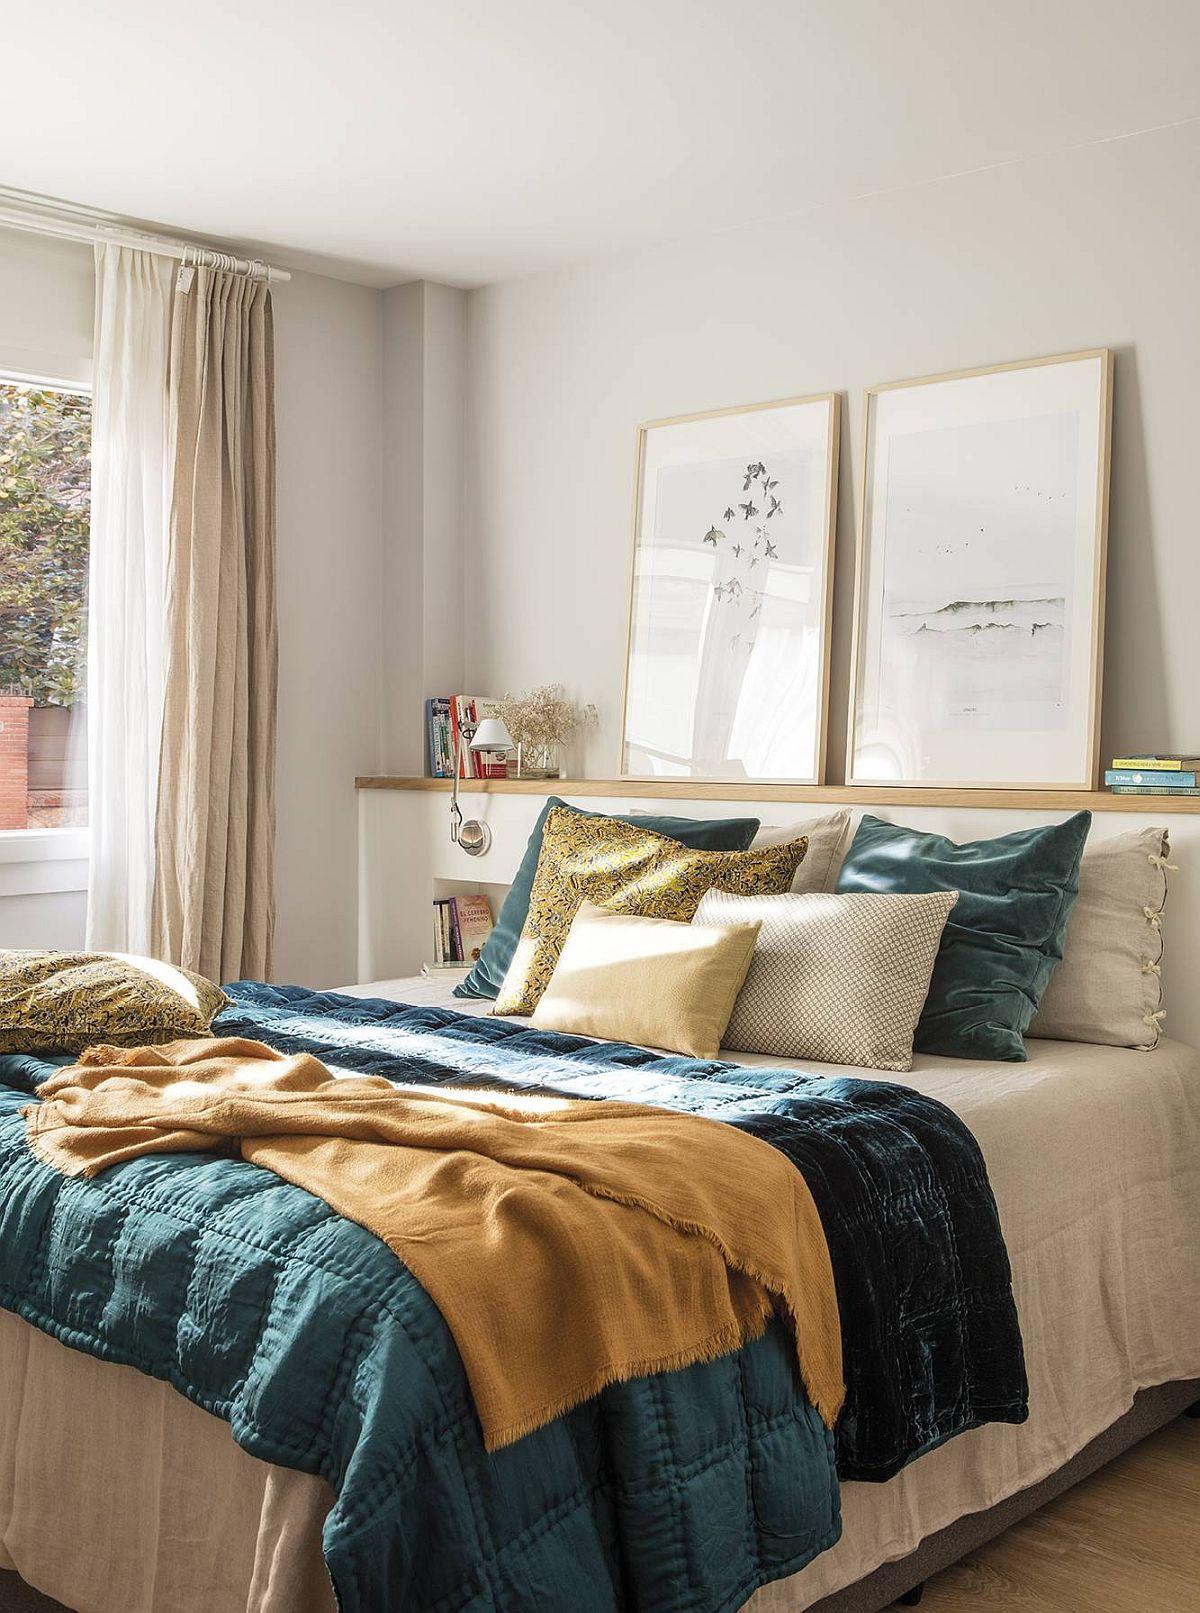 Dormitorul matrimonial nu este mare, dar este armonios decorat. În locu noptierelor este creată un ansamblu care formează tăblia patului, prevăzut cu nișe și cu un mic spațiu de depozitare deasupra.